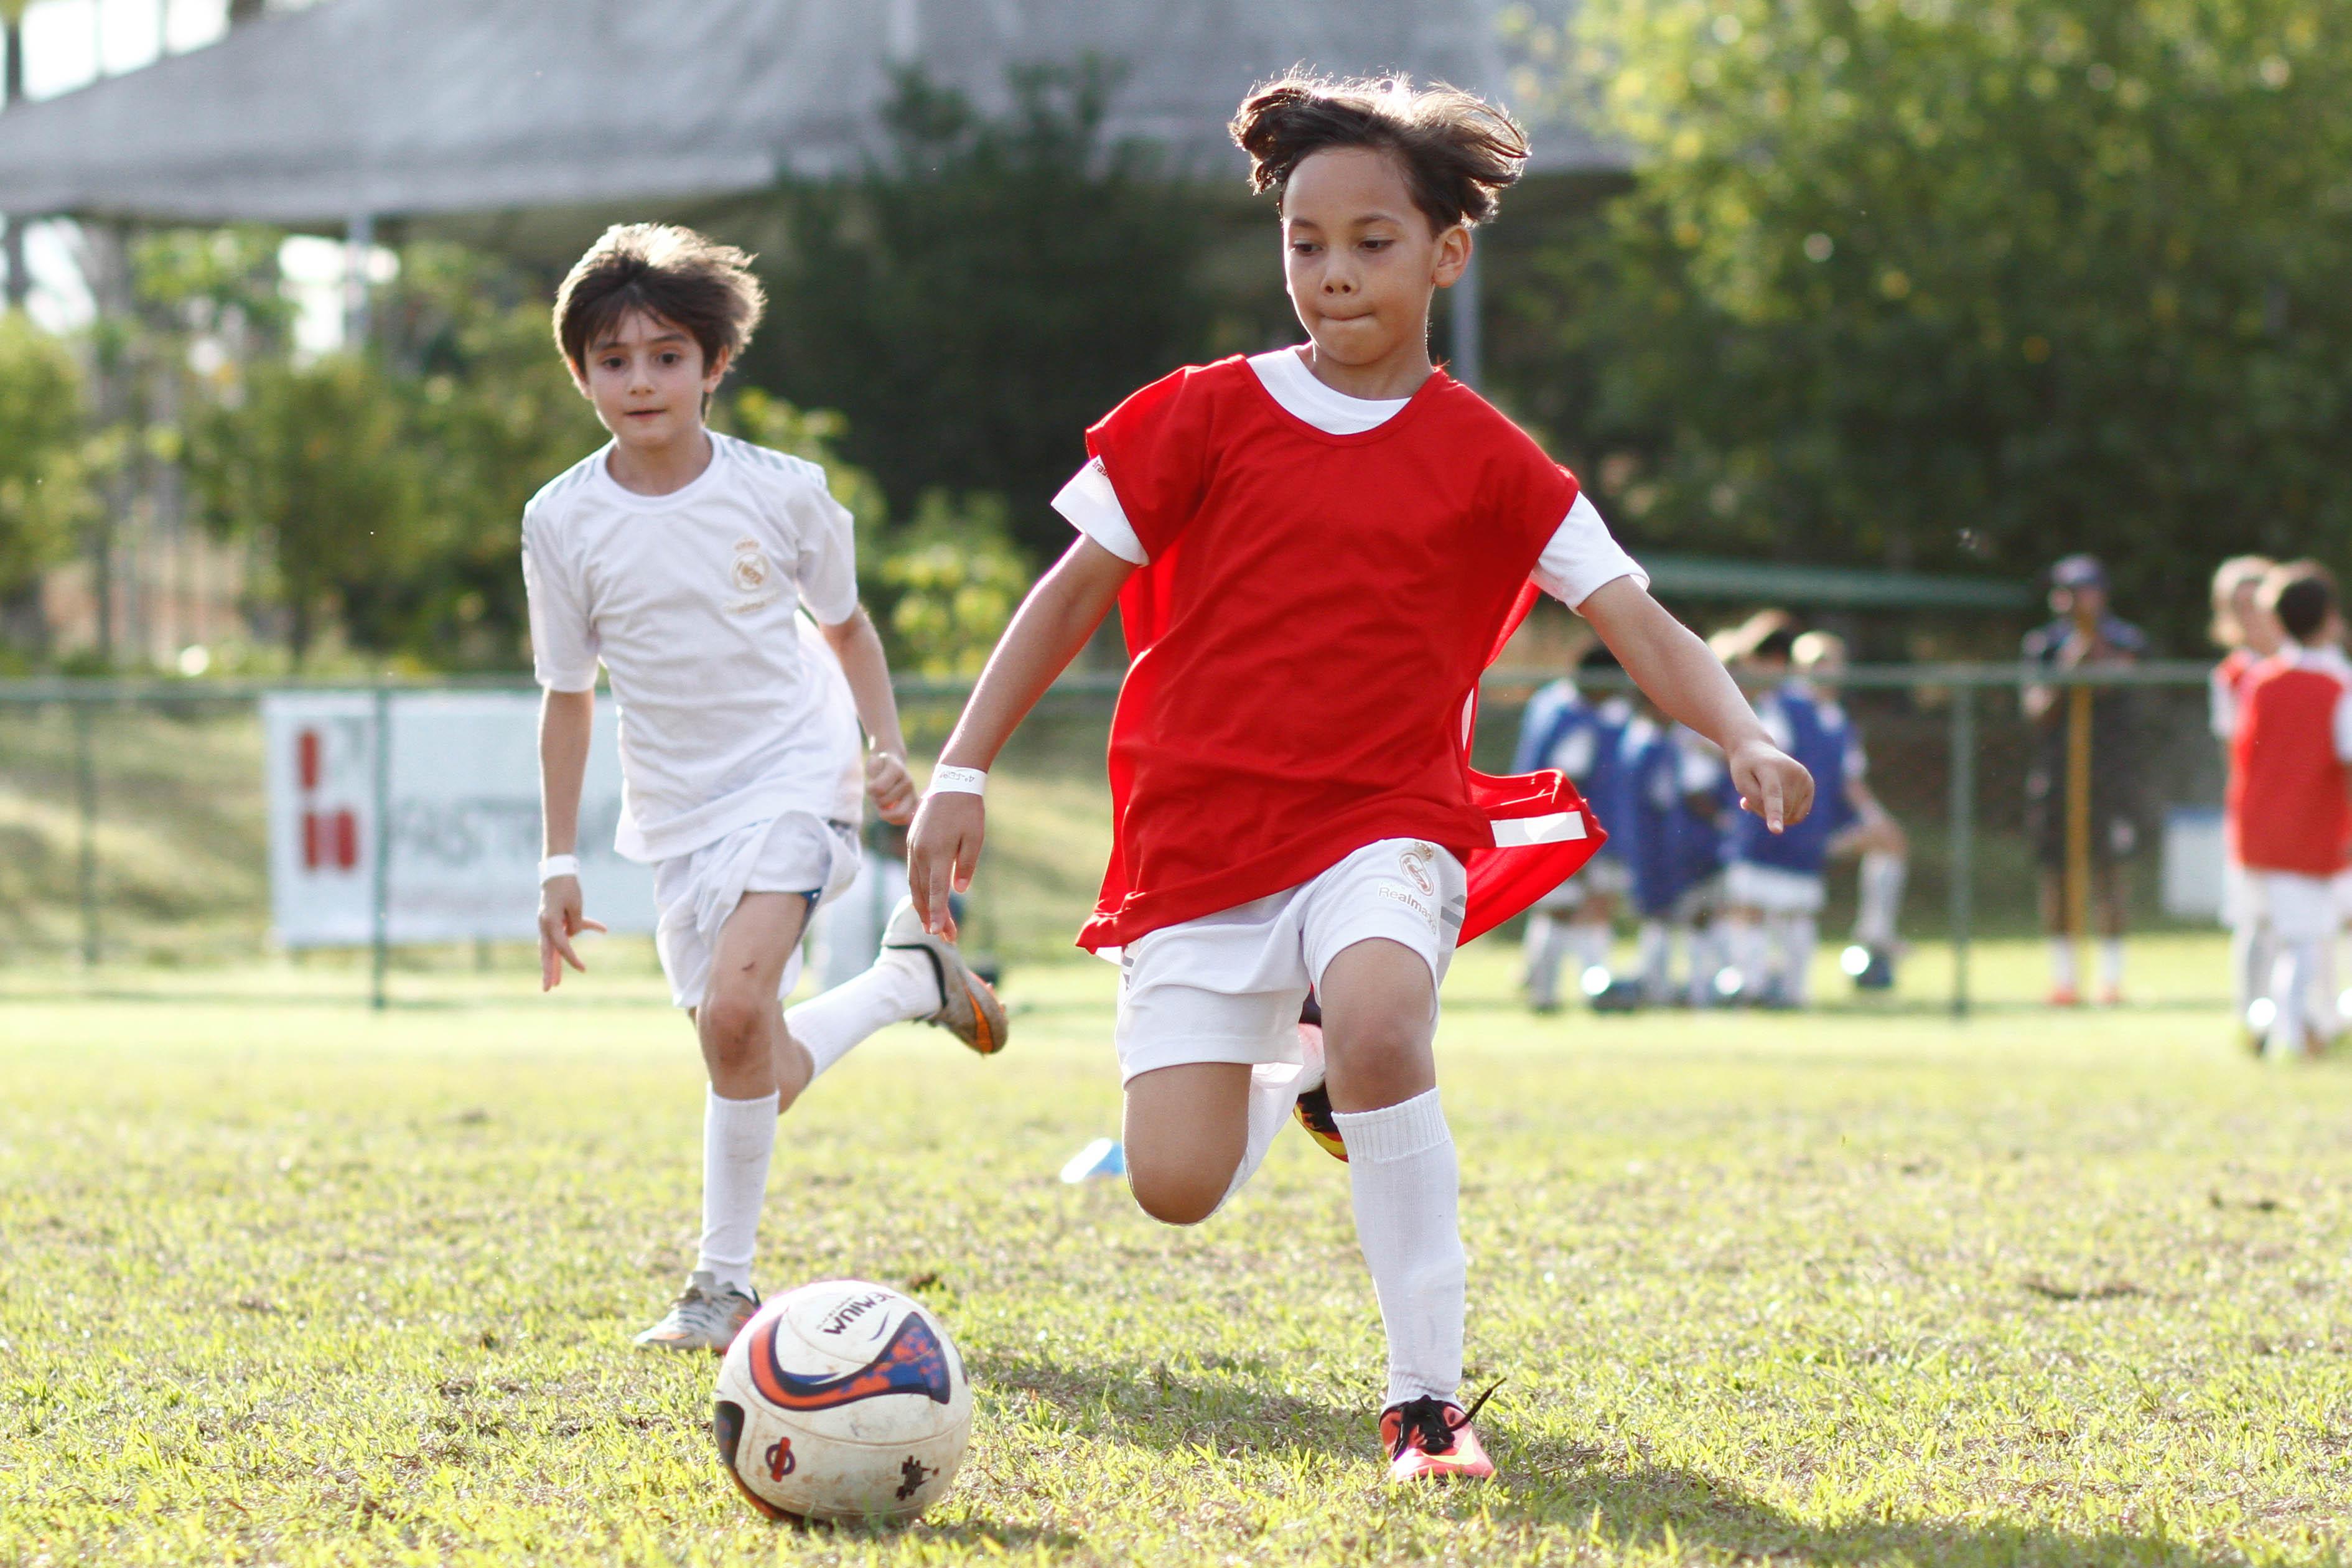 Fortaleza receberá em dezembro escolinha de futebol do Real Madrid